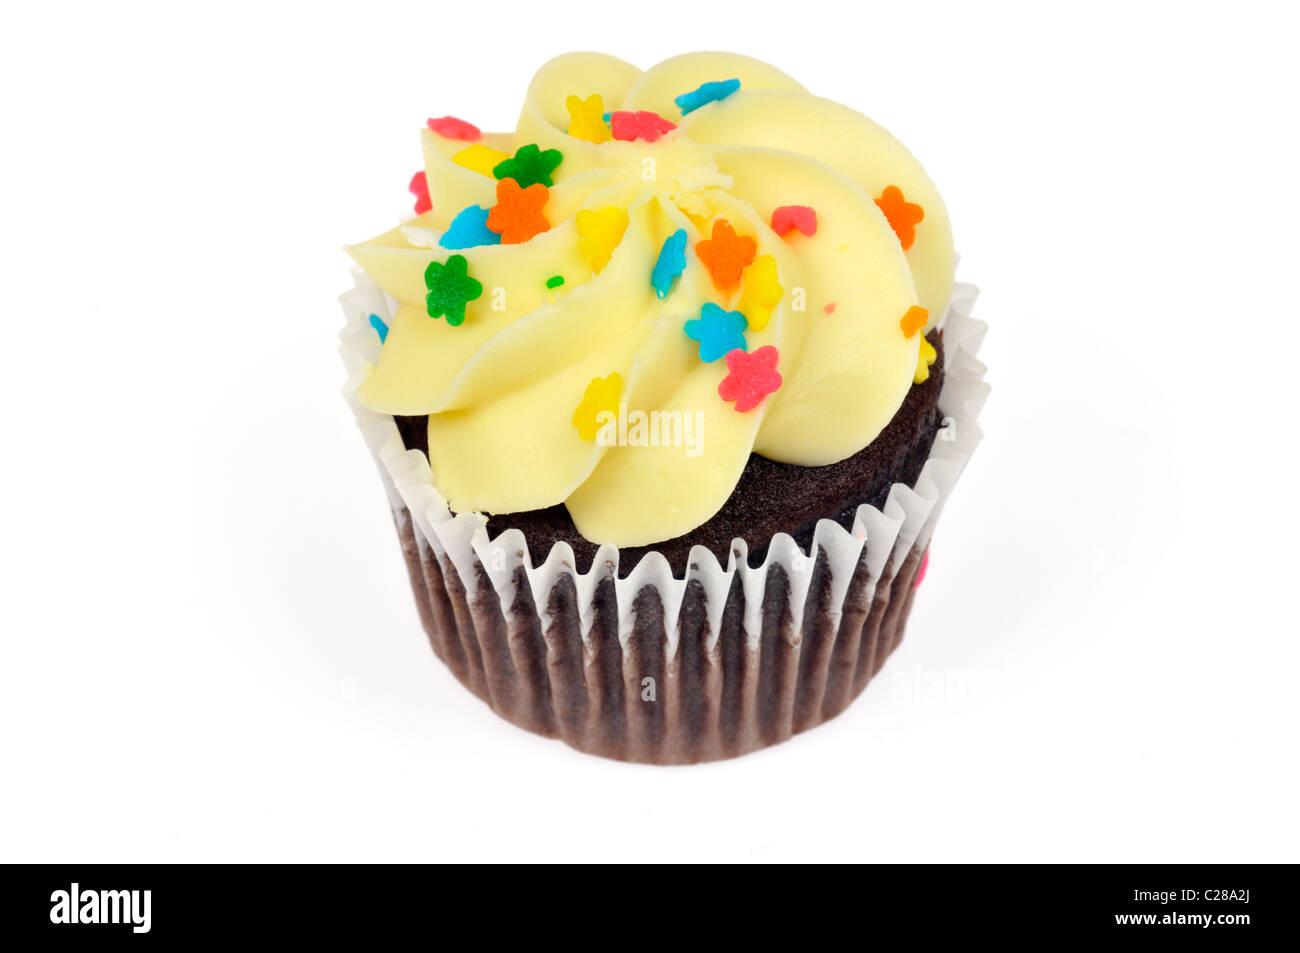 Cupcake chocolat décoré de glaçage au citron jaune et colorés sur fond blanc sprinkles cut out Photo Stock